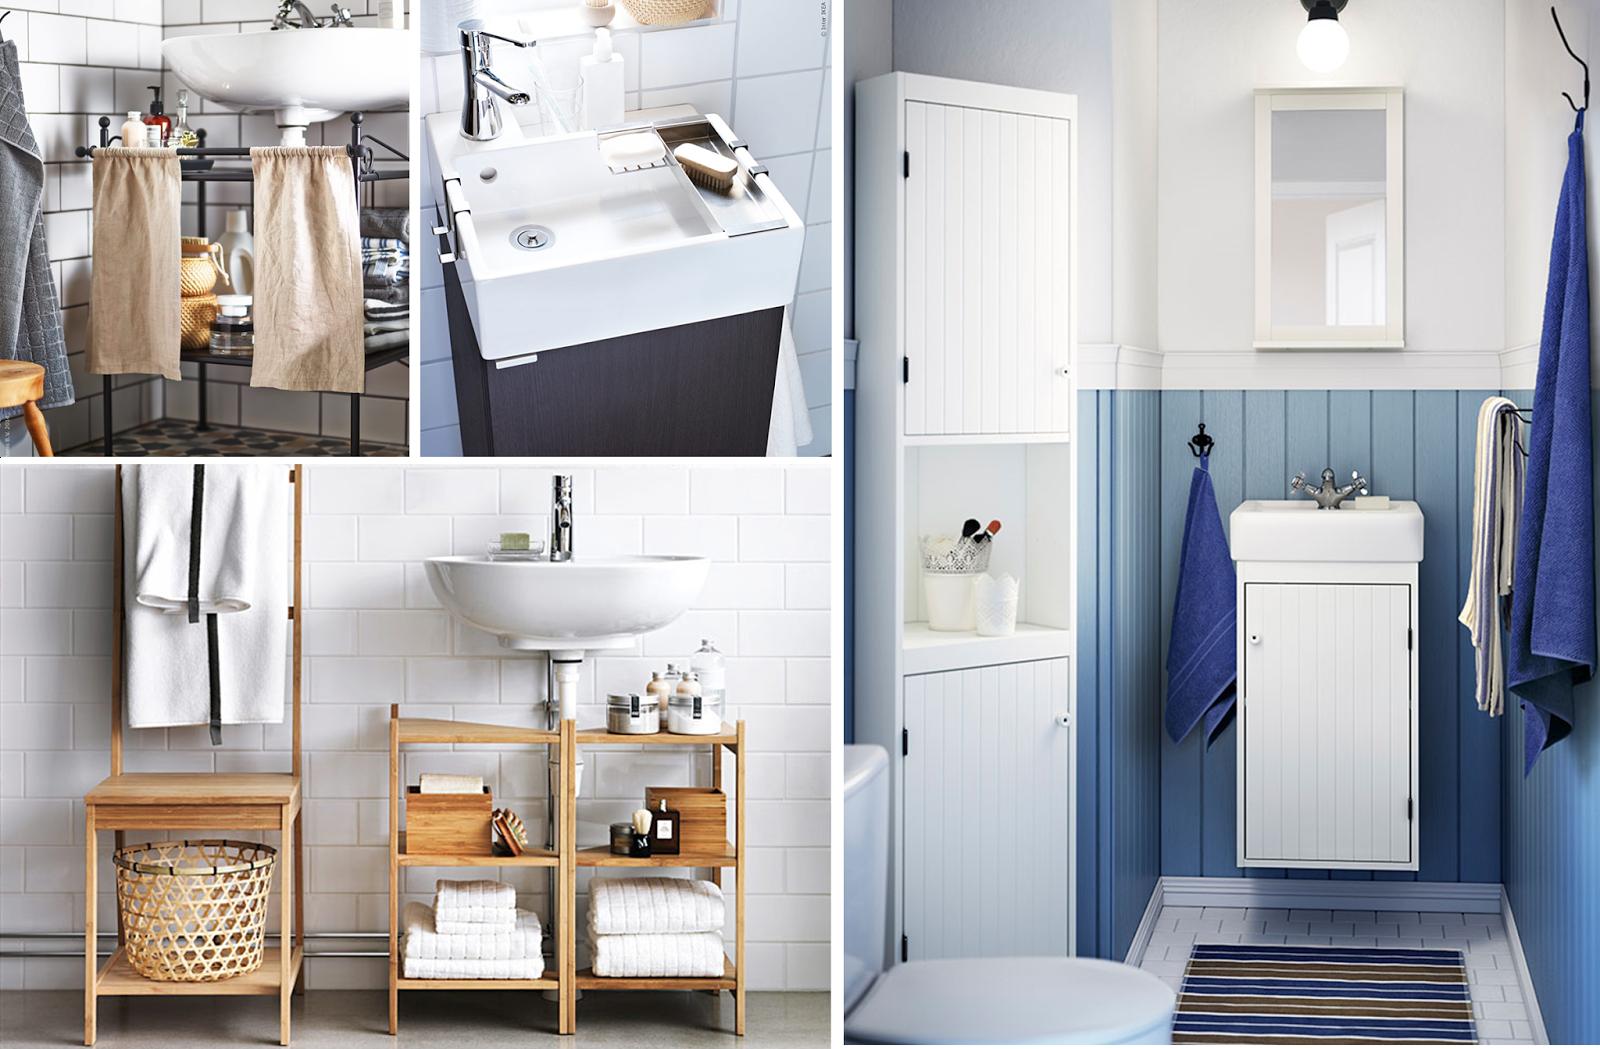 baños pekeños | isabela | Pinterest | Decorar baños pequeños ...